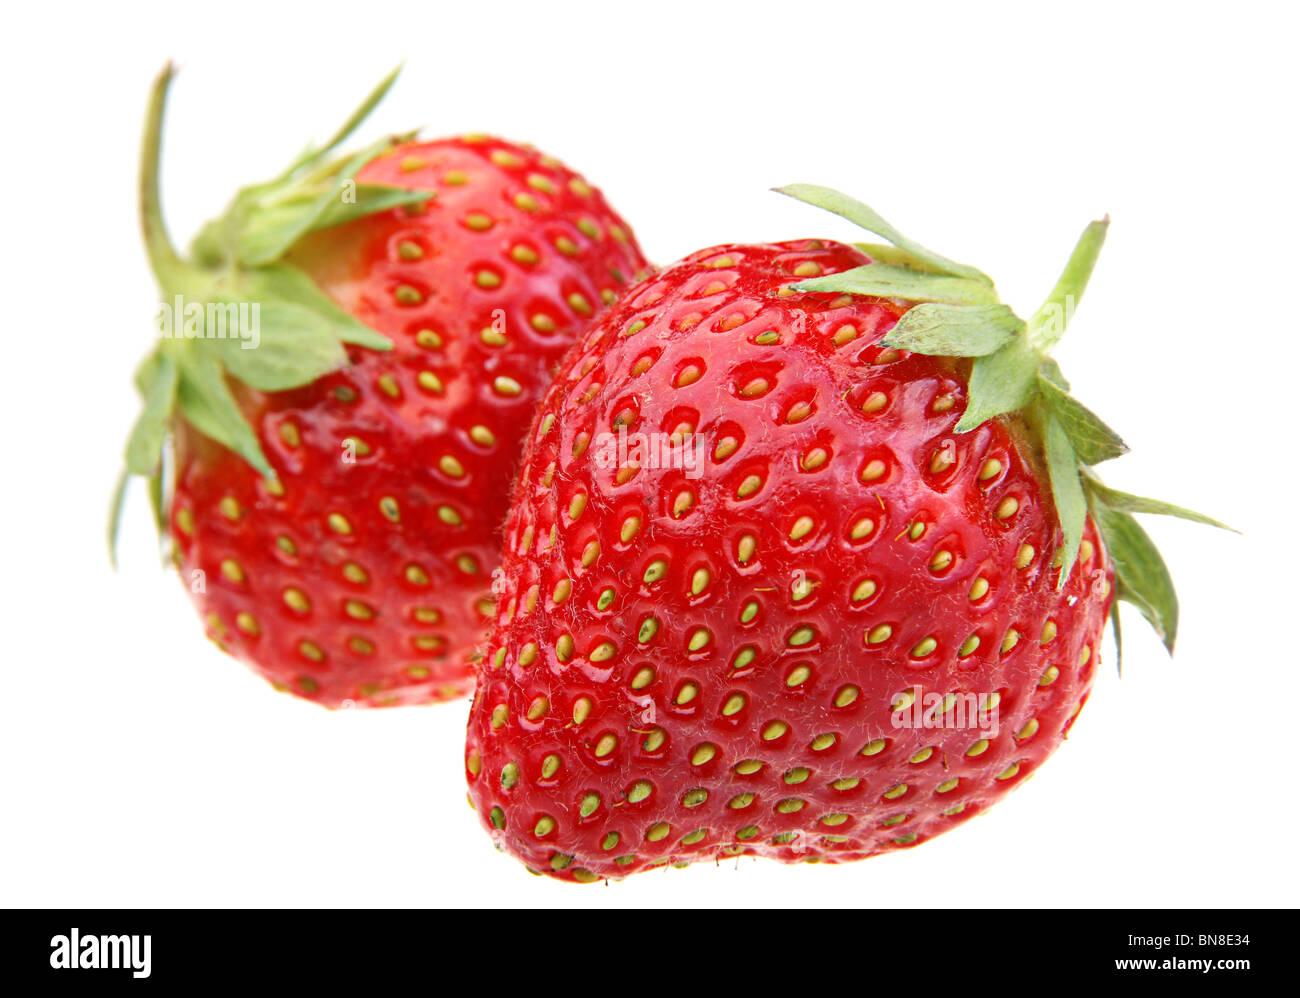 Strawberry fresh fruit isolated on white background - Stock Image